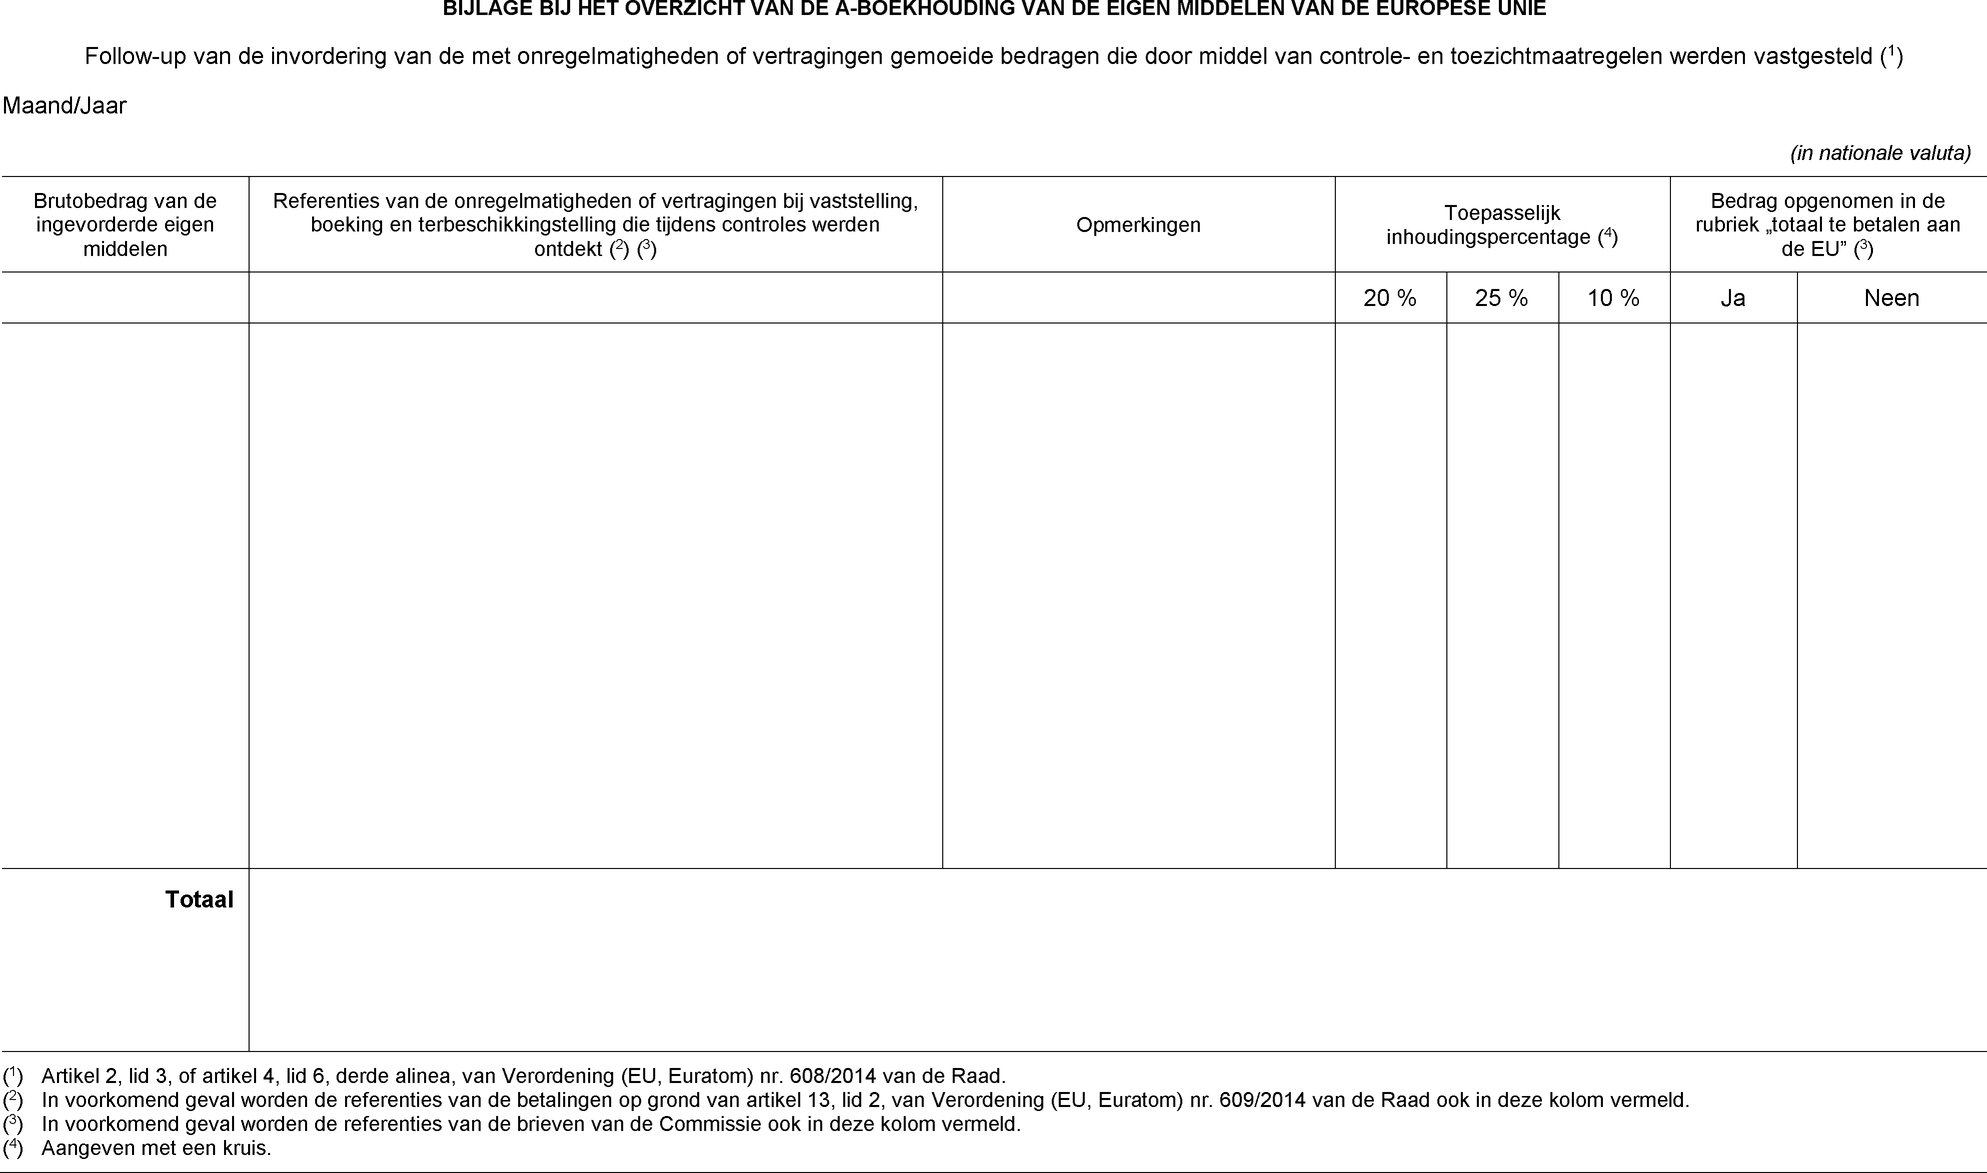 EUR-Lex - L:2016:350:FULL - EN - EUR-Lex